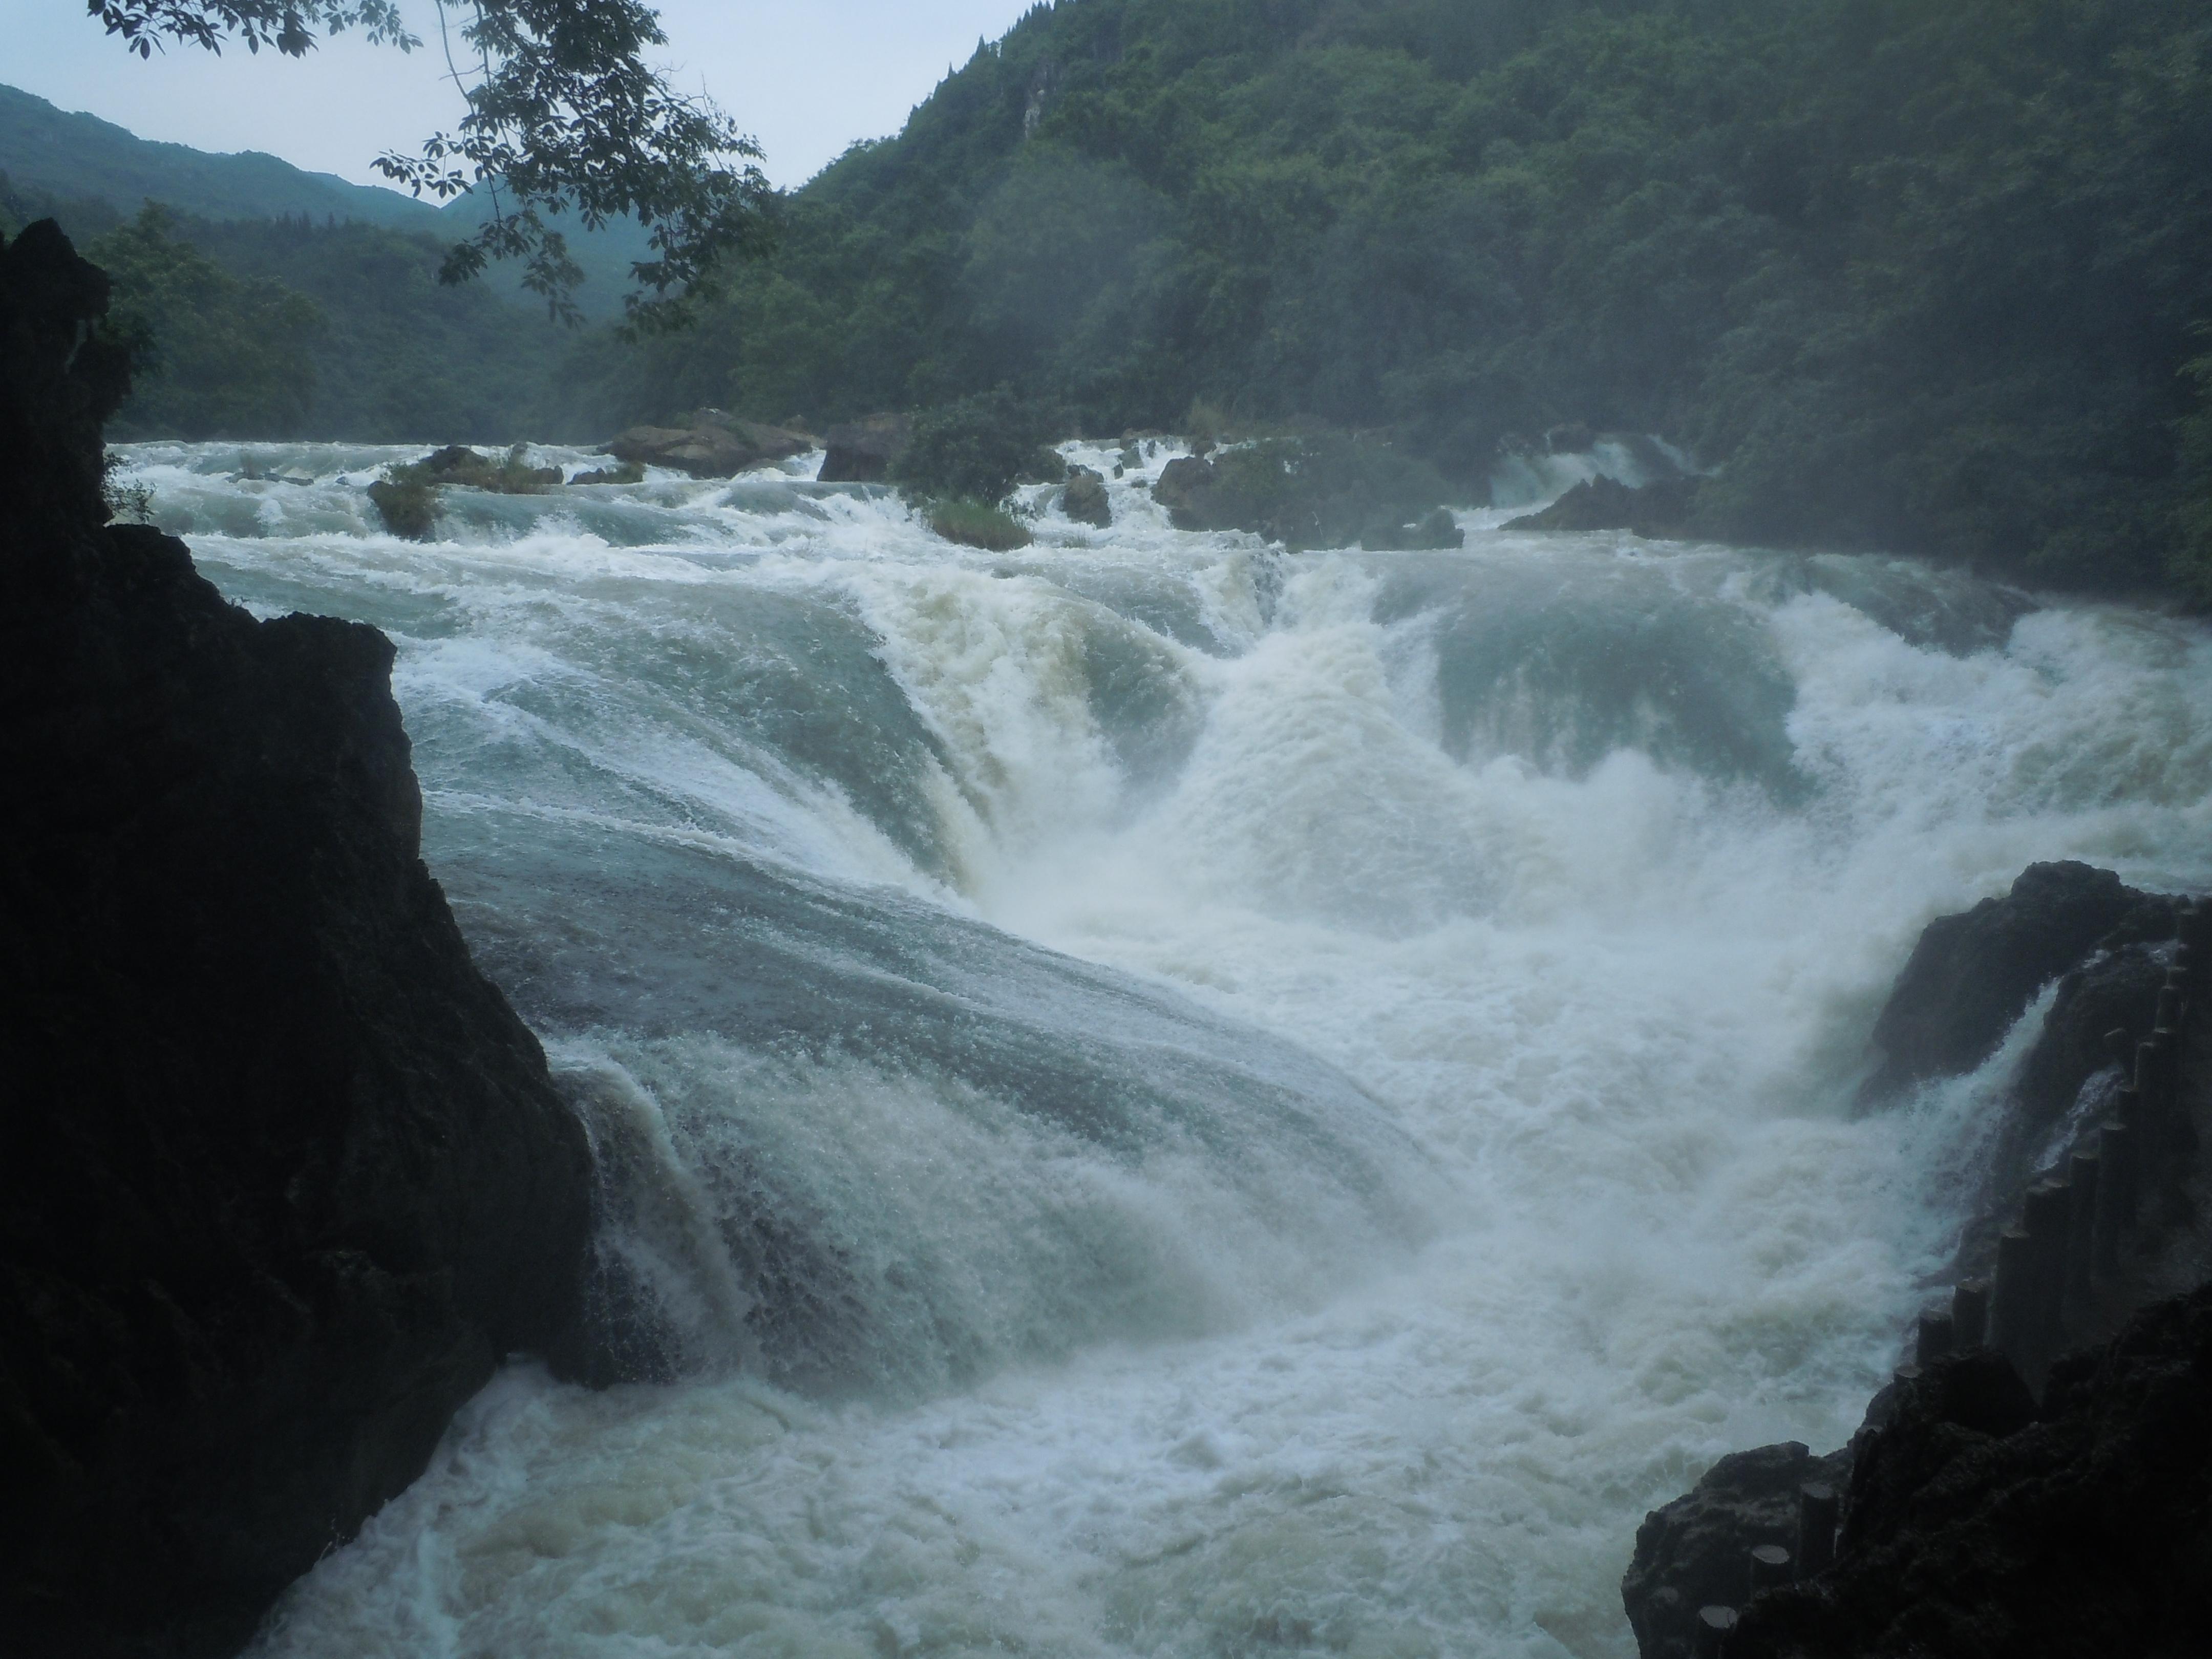 贵州甘蔗固始鹅块图片-贵州甘蔗